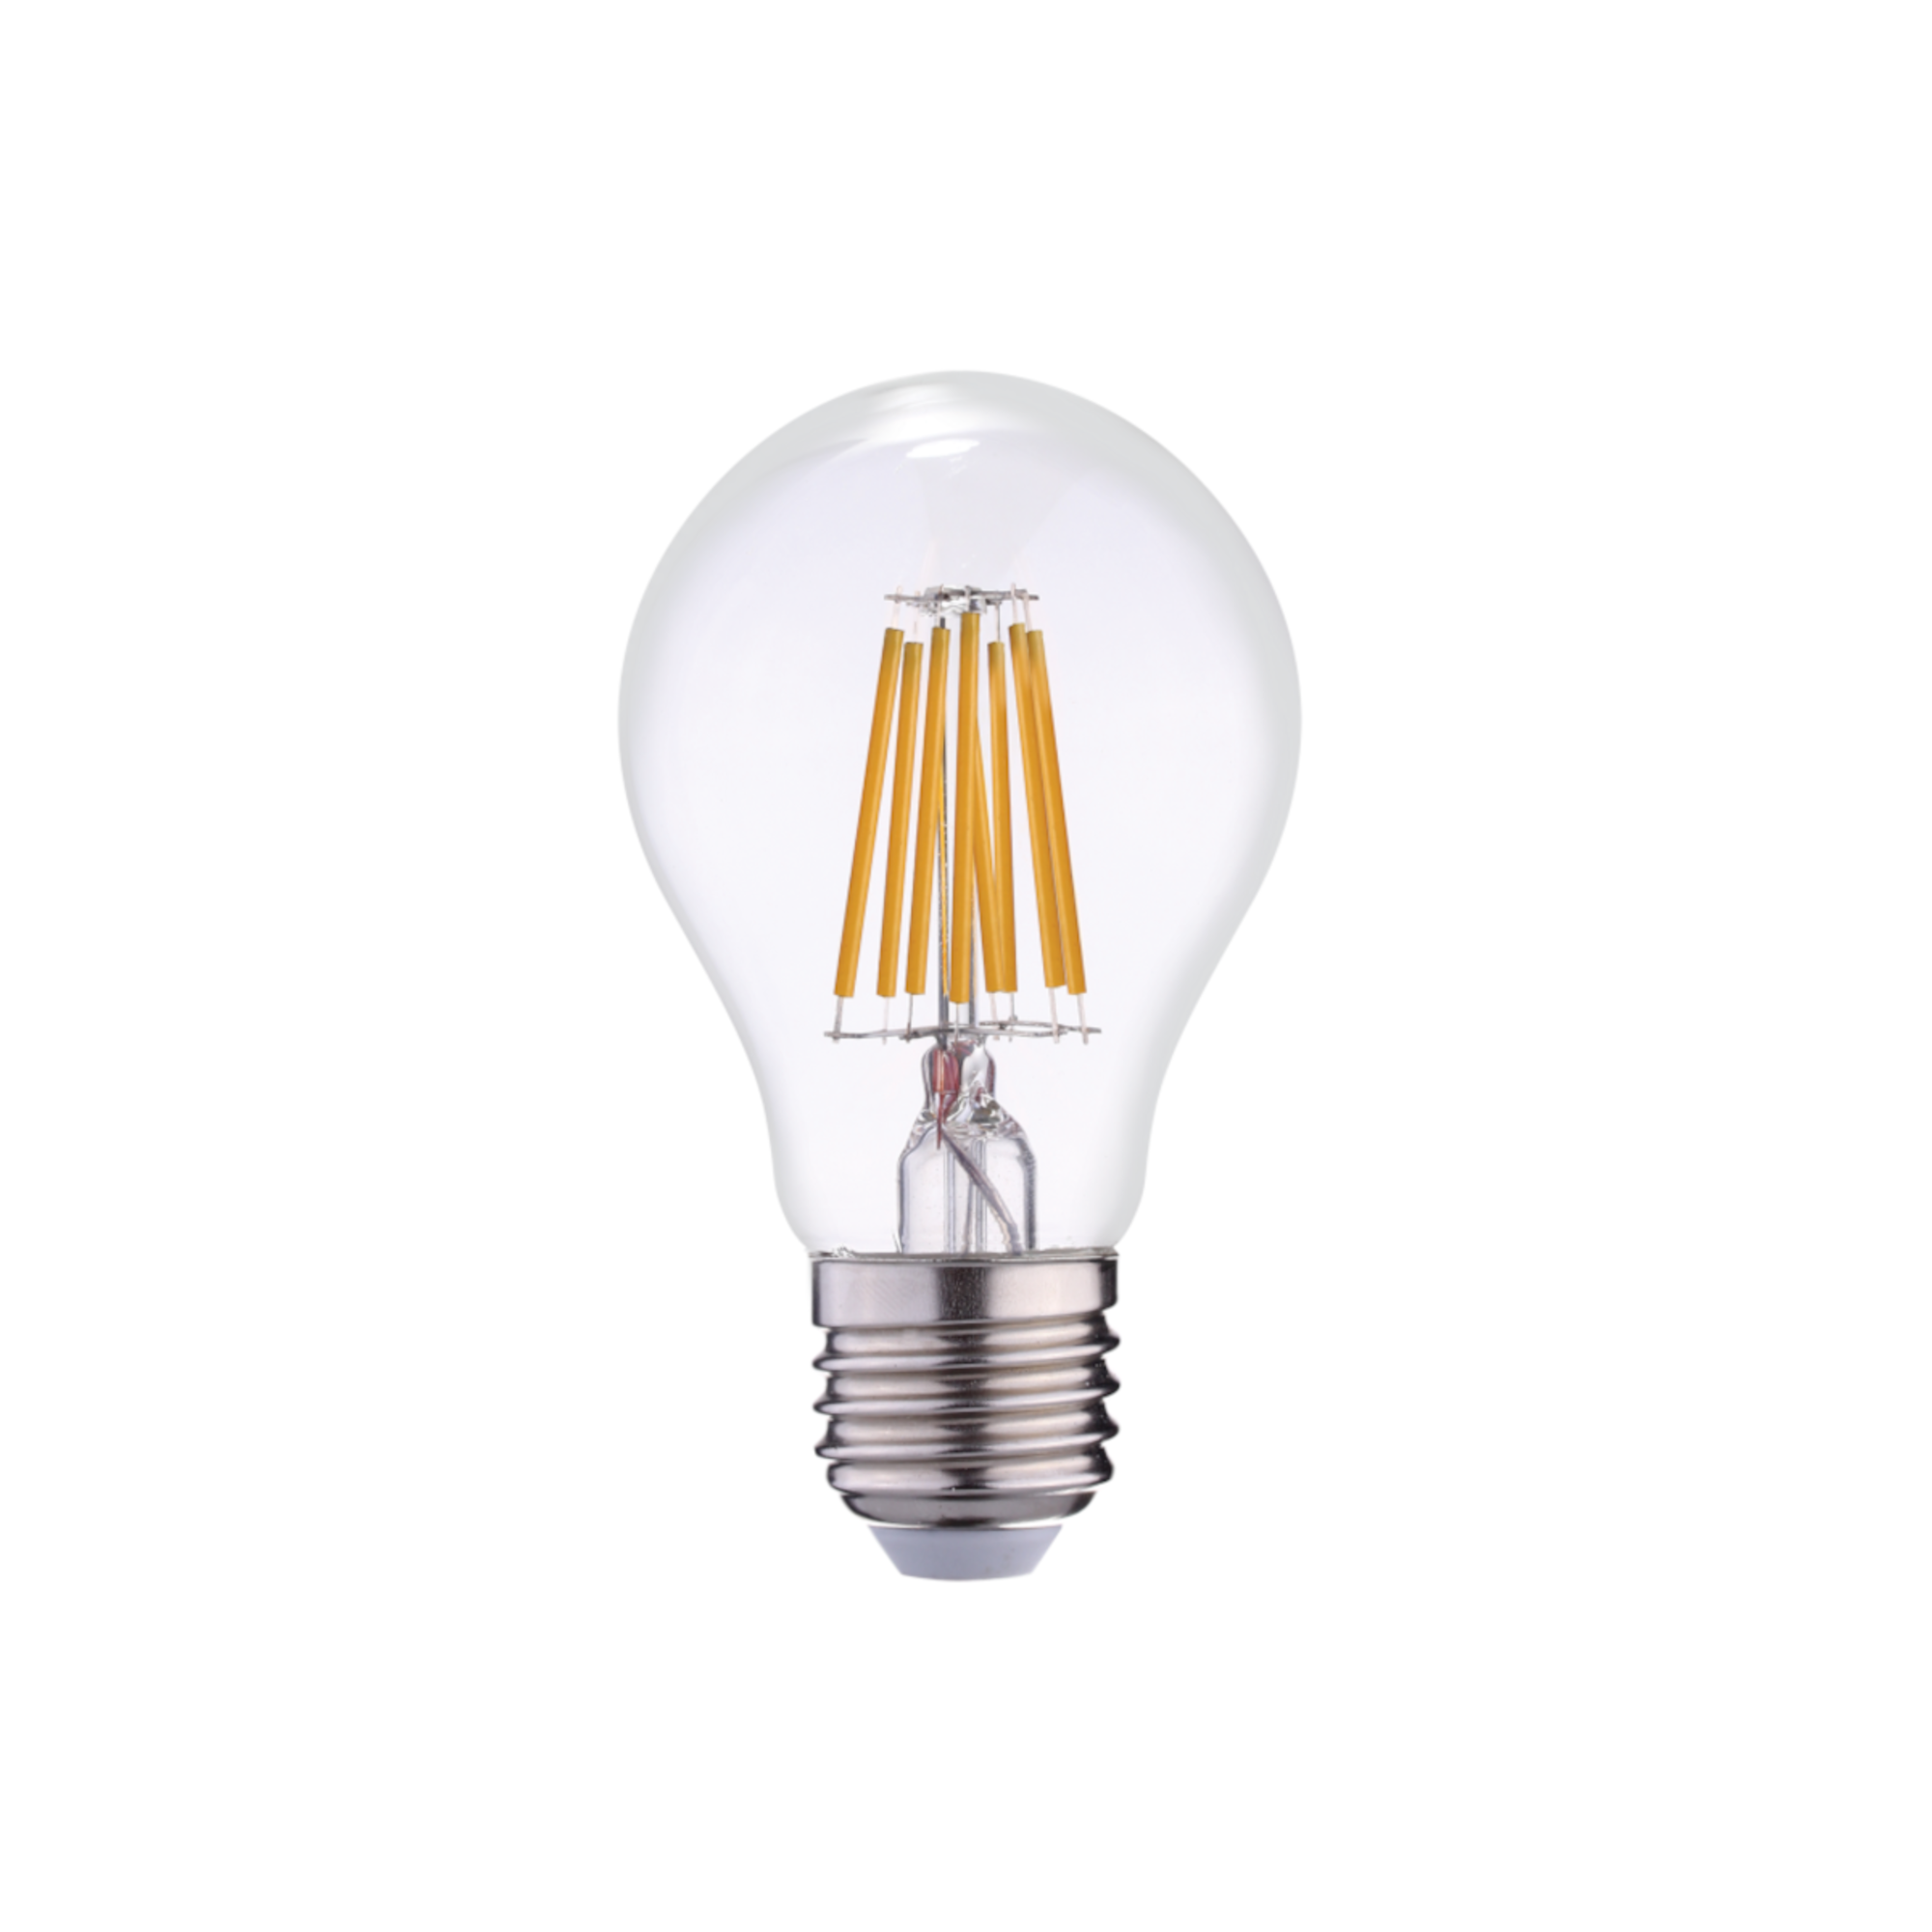 Светодиодная лампочка Фотон 23410 E27 860 Лм 8 Вт